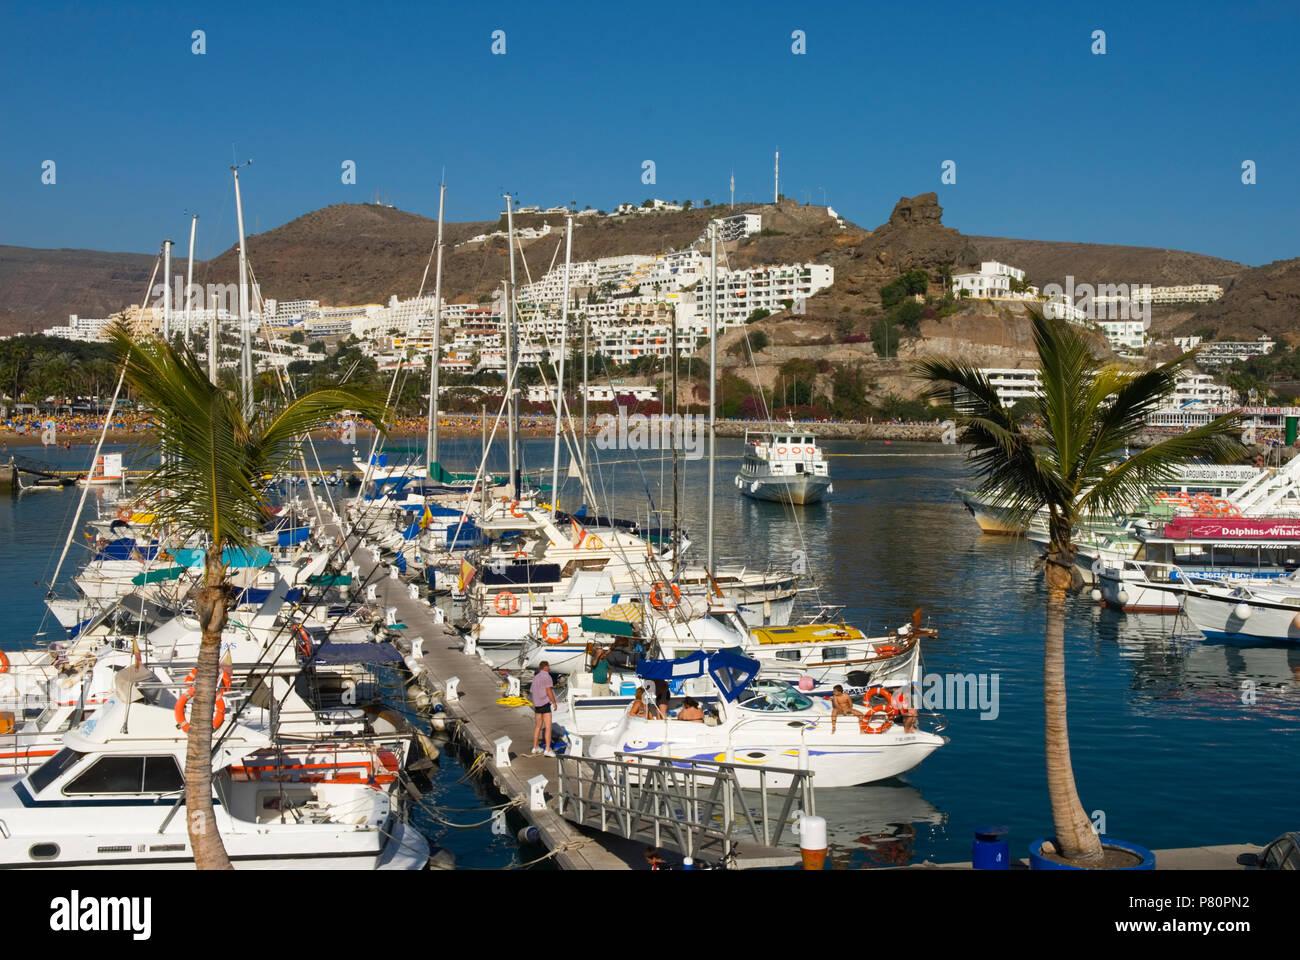 Spanien - Kanarische Inseln - Gran Canaria - Puerto Rico - Blick auf die Marina Stockfoto